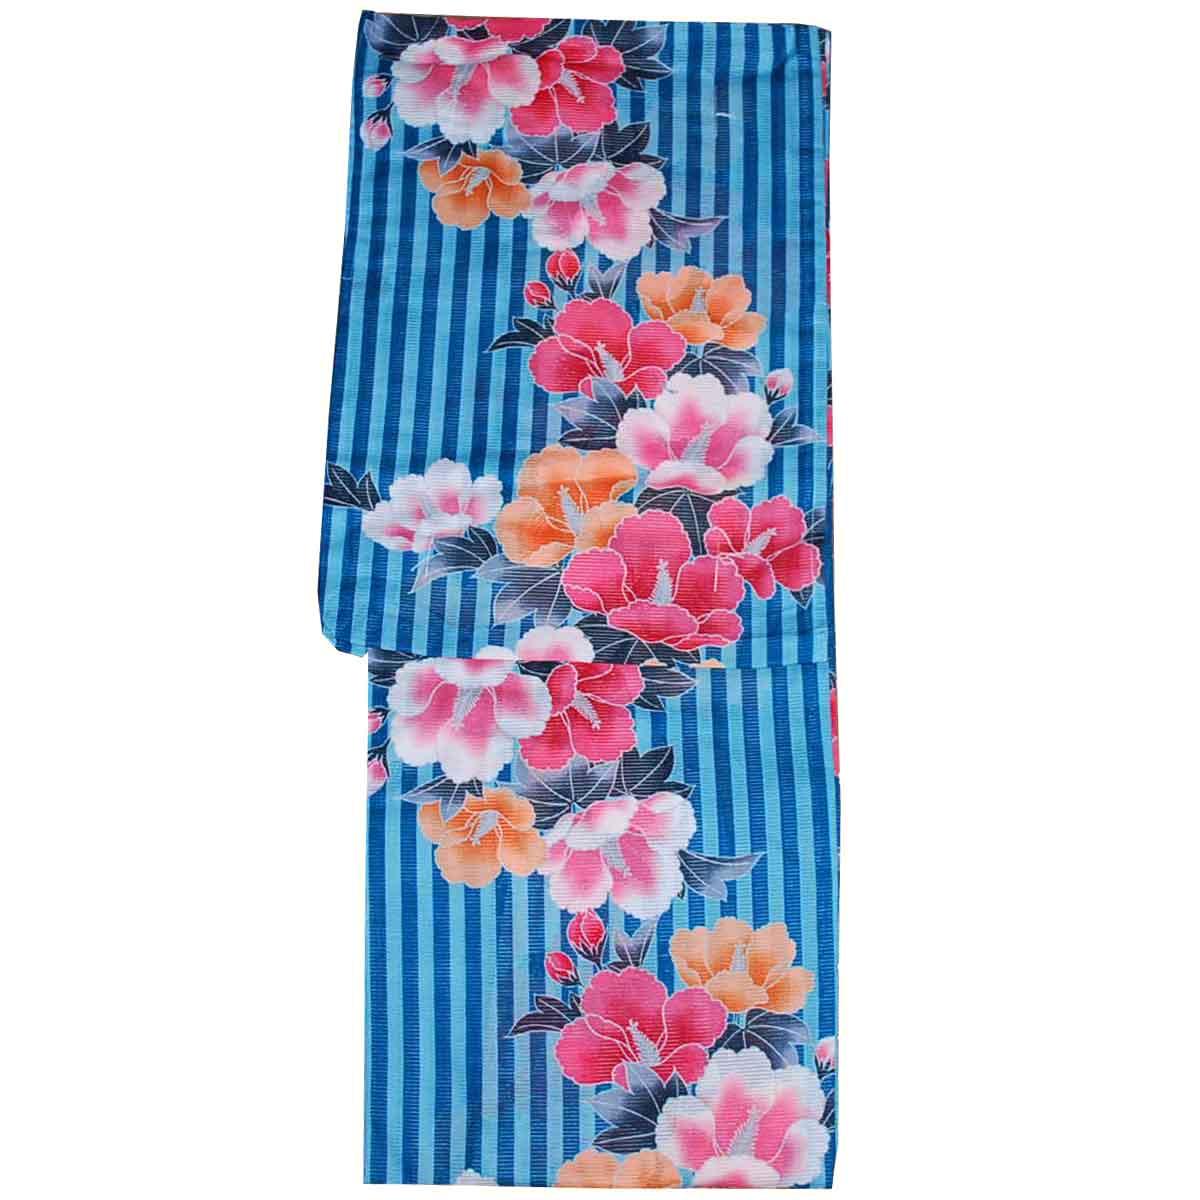 到着後すぐ着れます 女性用 浴衣 低廉 フリーサイズ ショップ 綿絽 ゆかた レディース 花柄 水色 紺